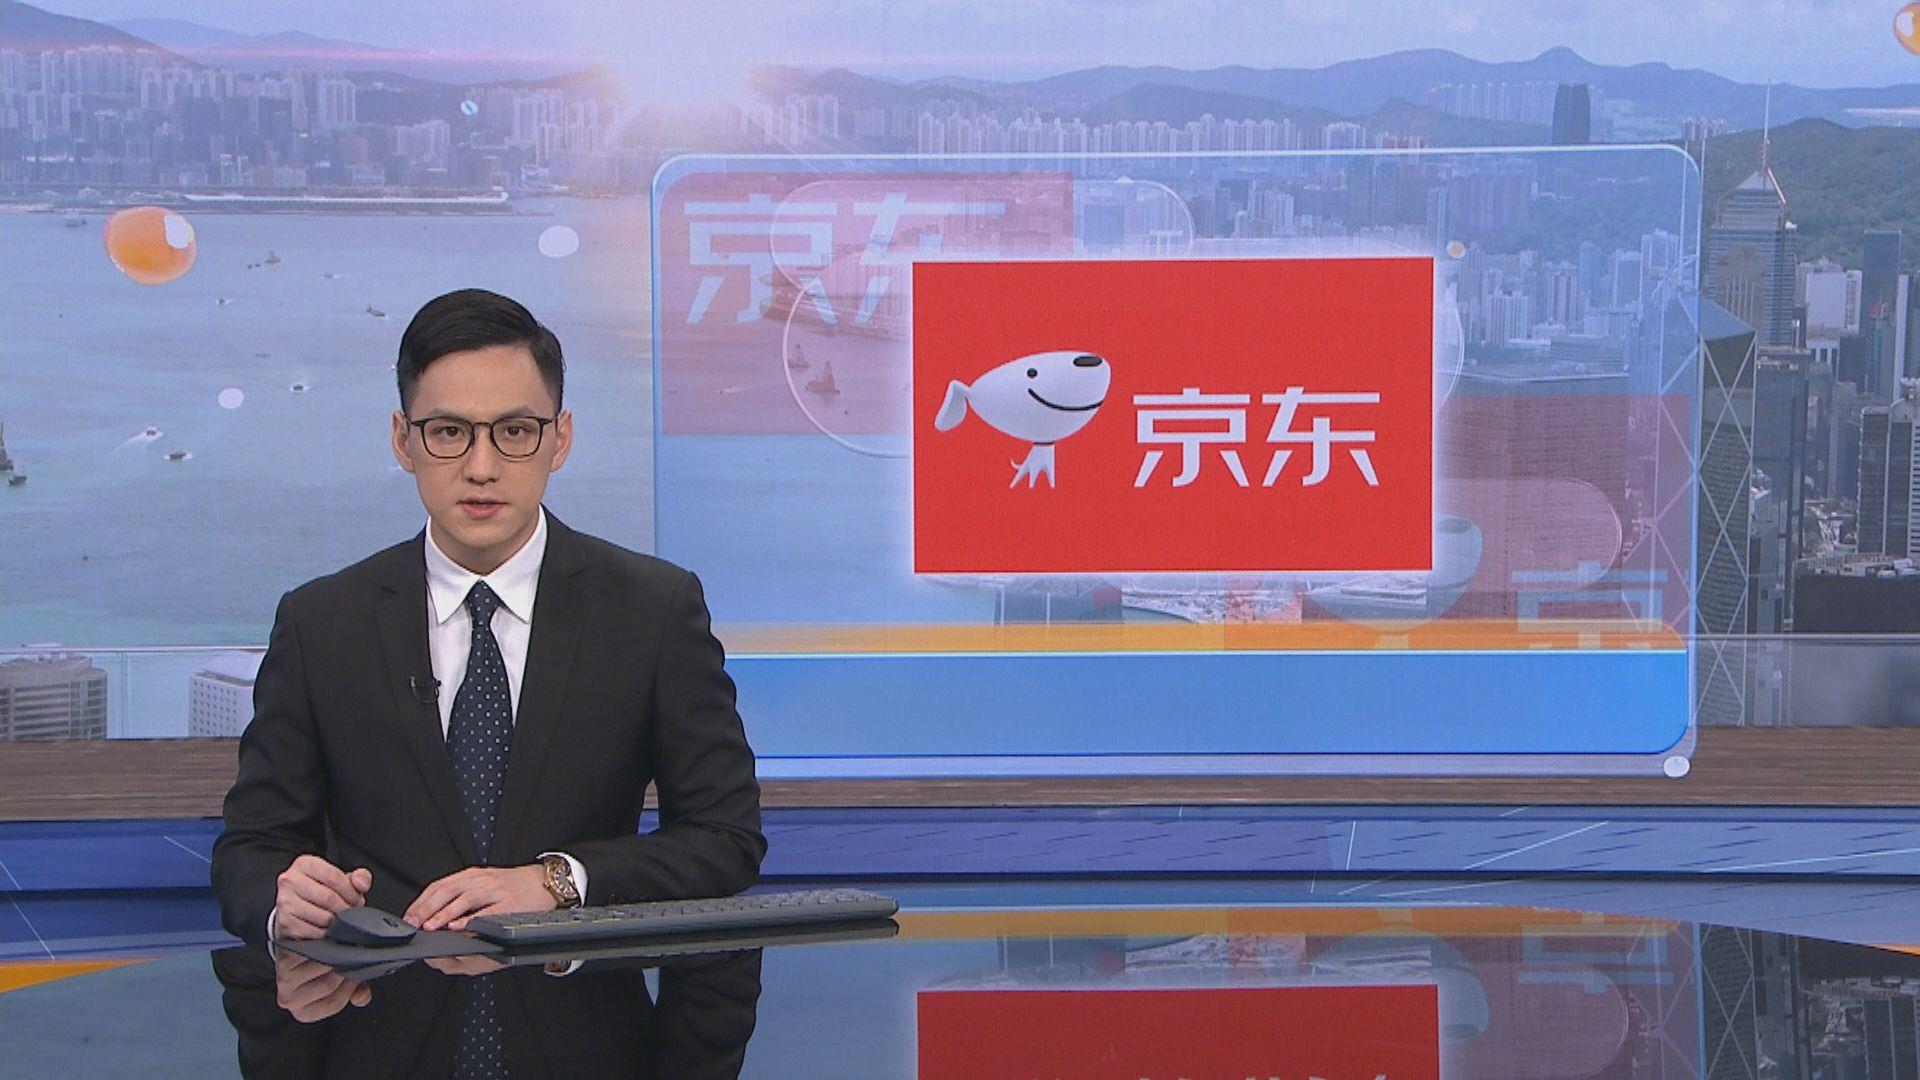 傳京東新增逾10間投行負責上市 將以無紙化方式招股